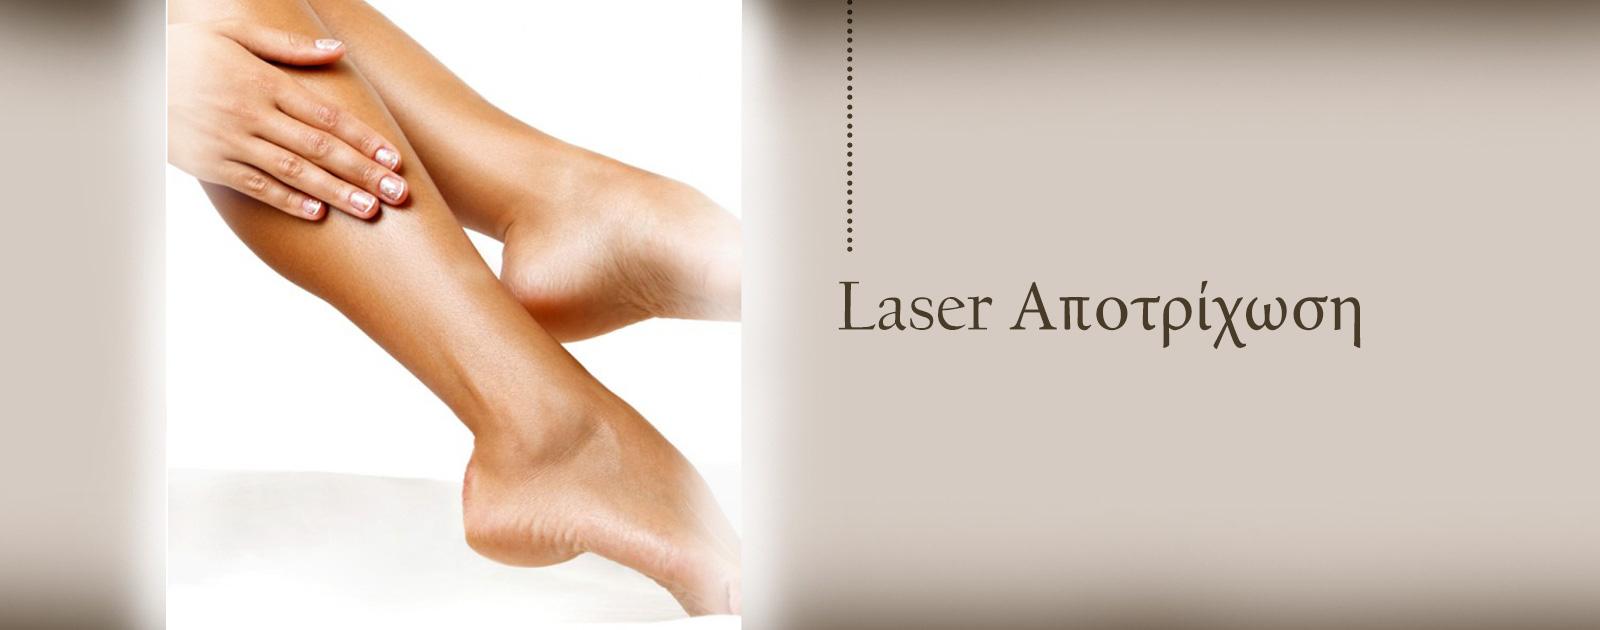 laser plastikos xeirourgos ioannina